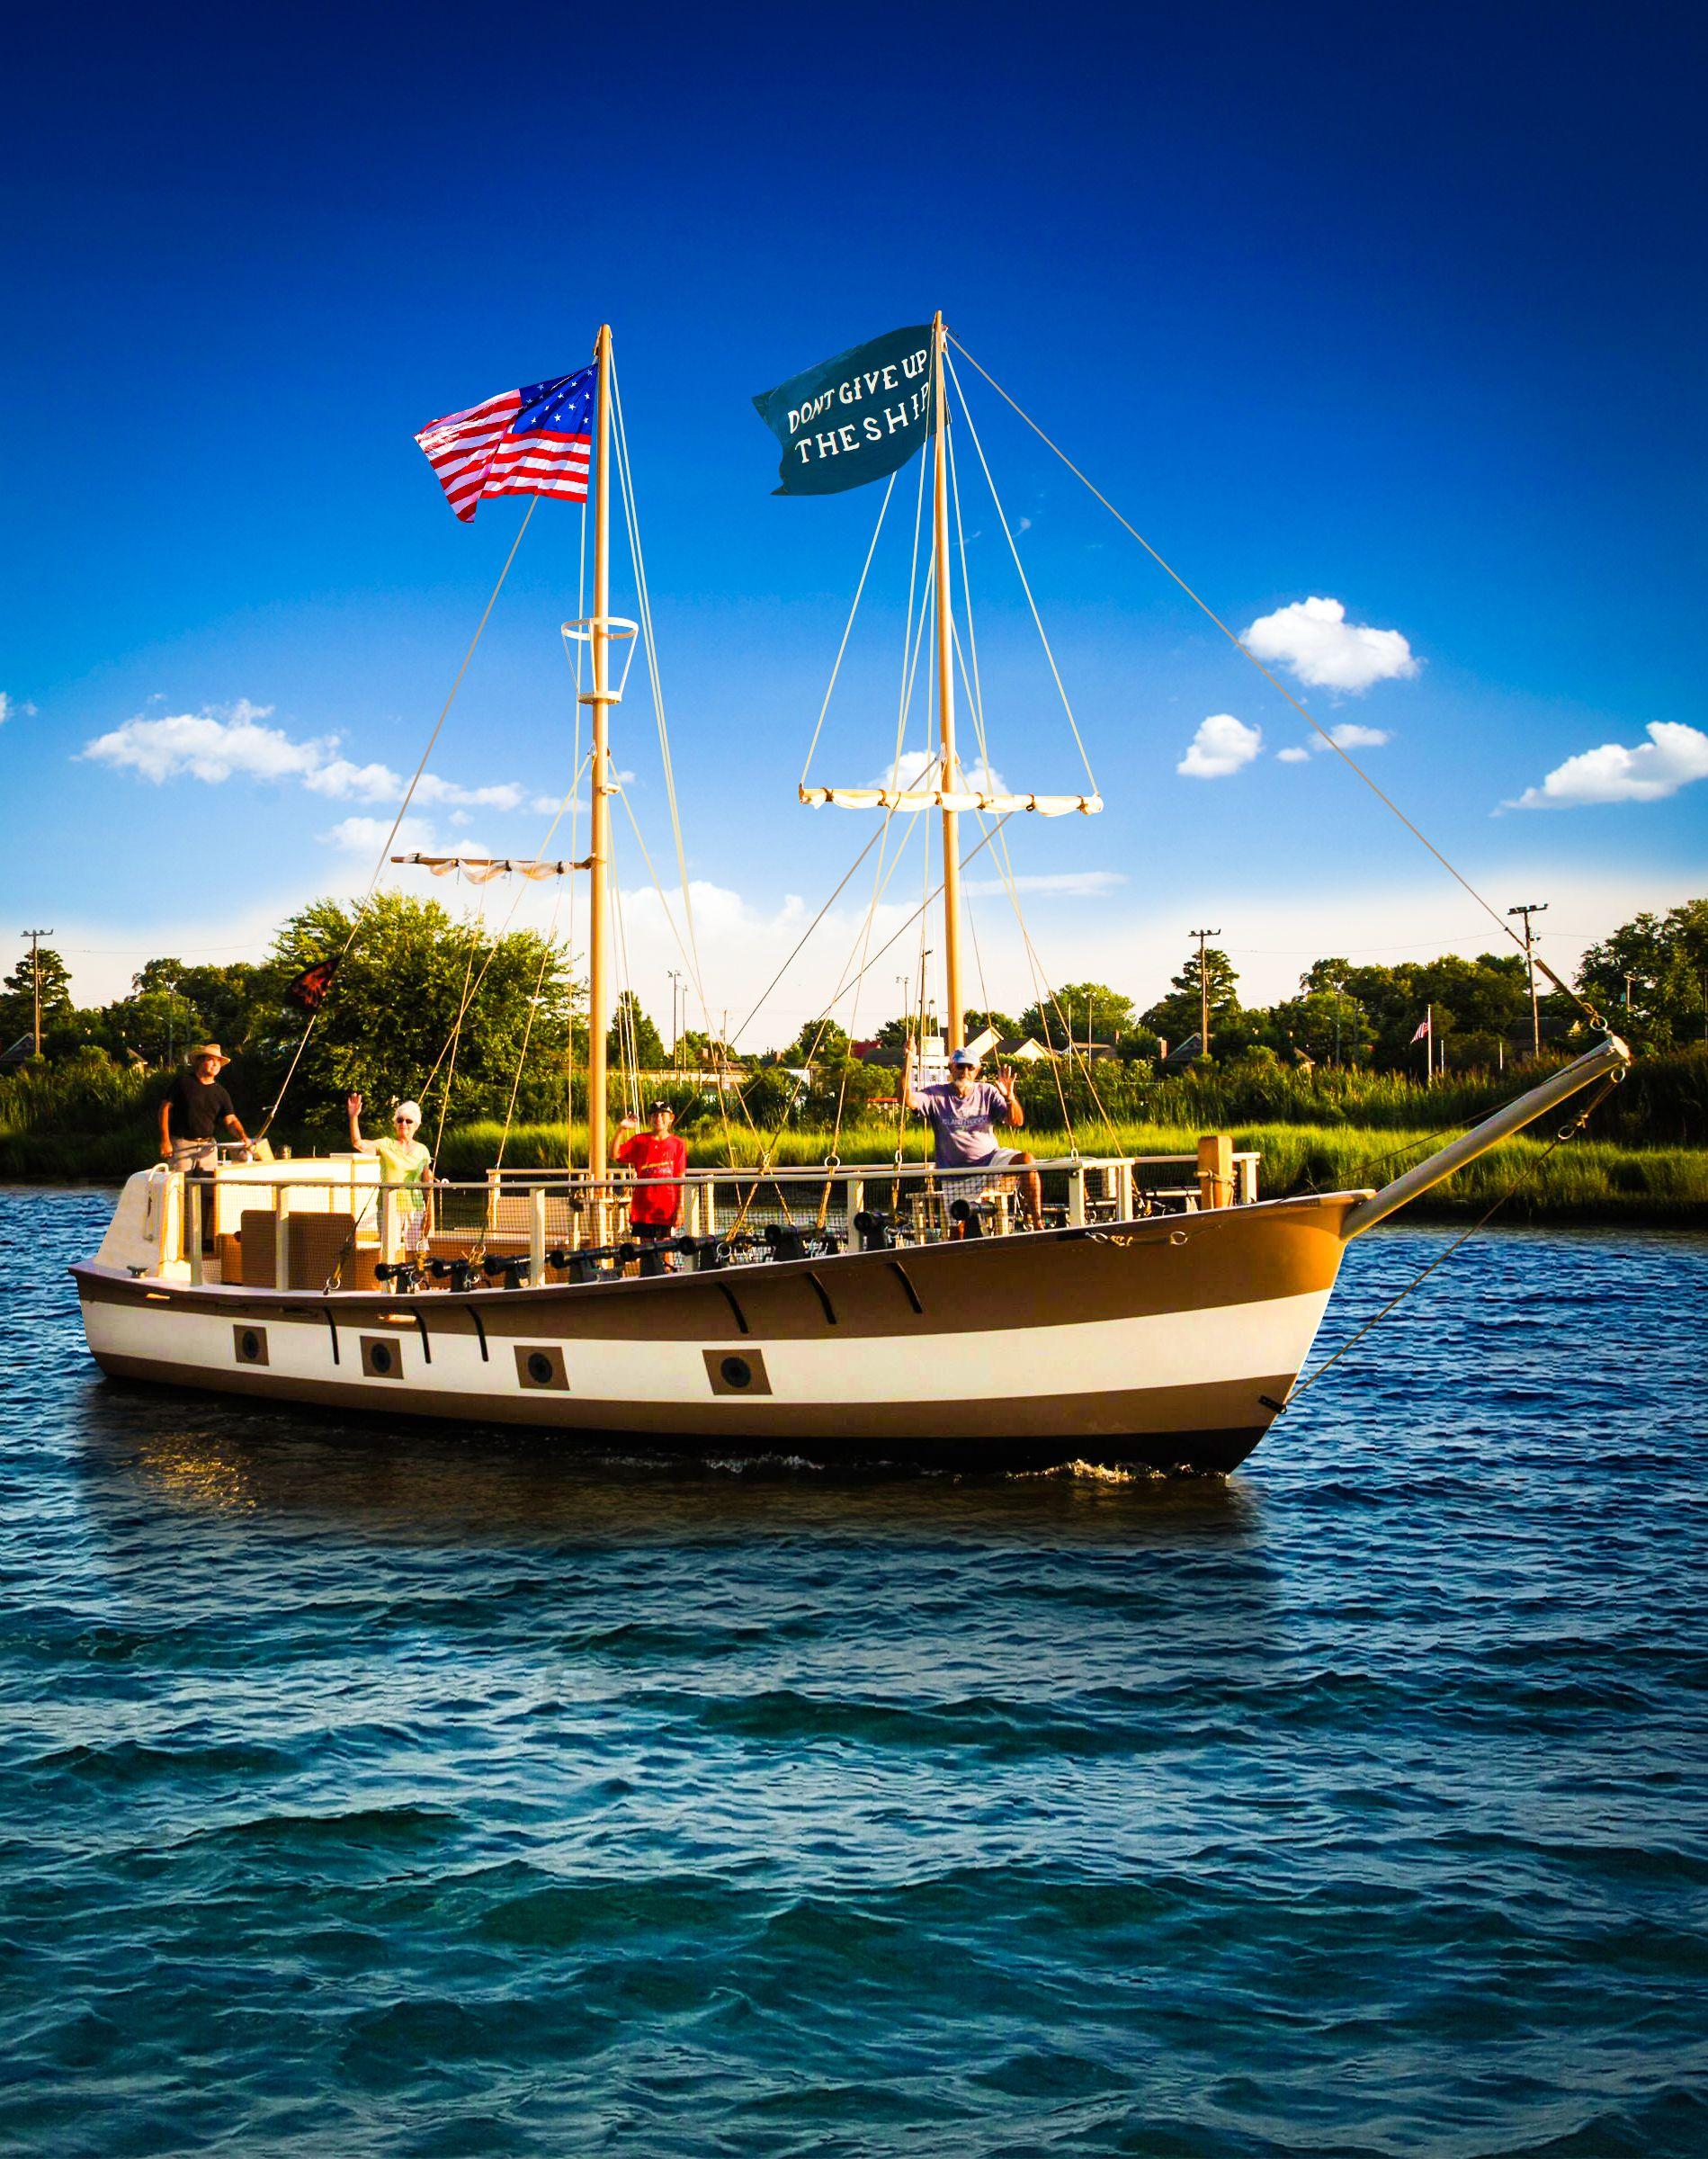 17 ways to boat on lake erie pennsylvania lake erie